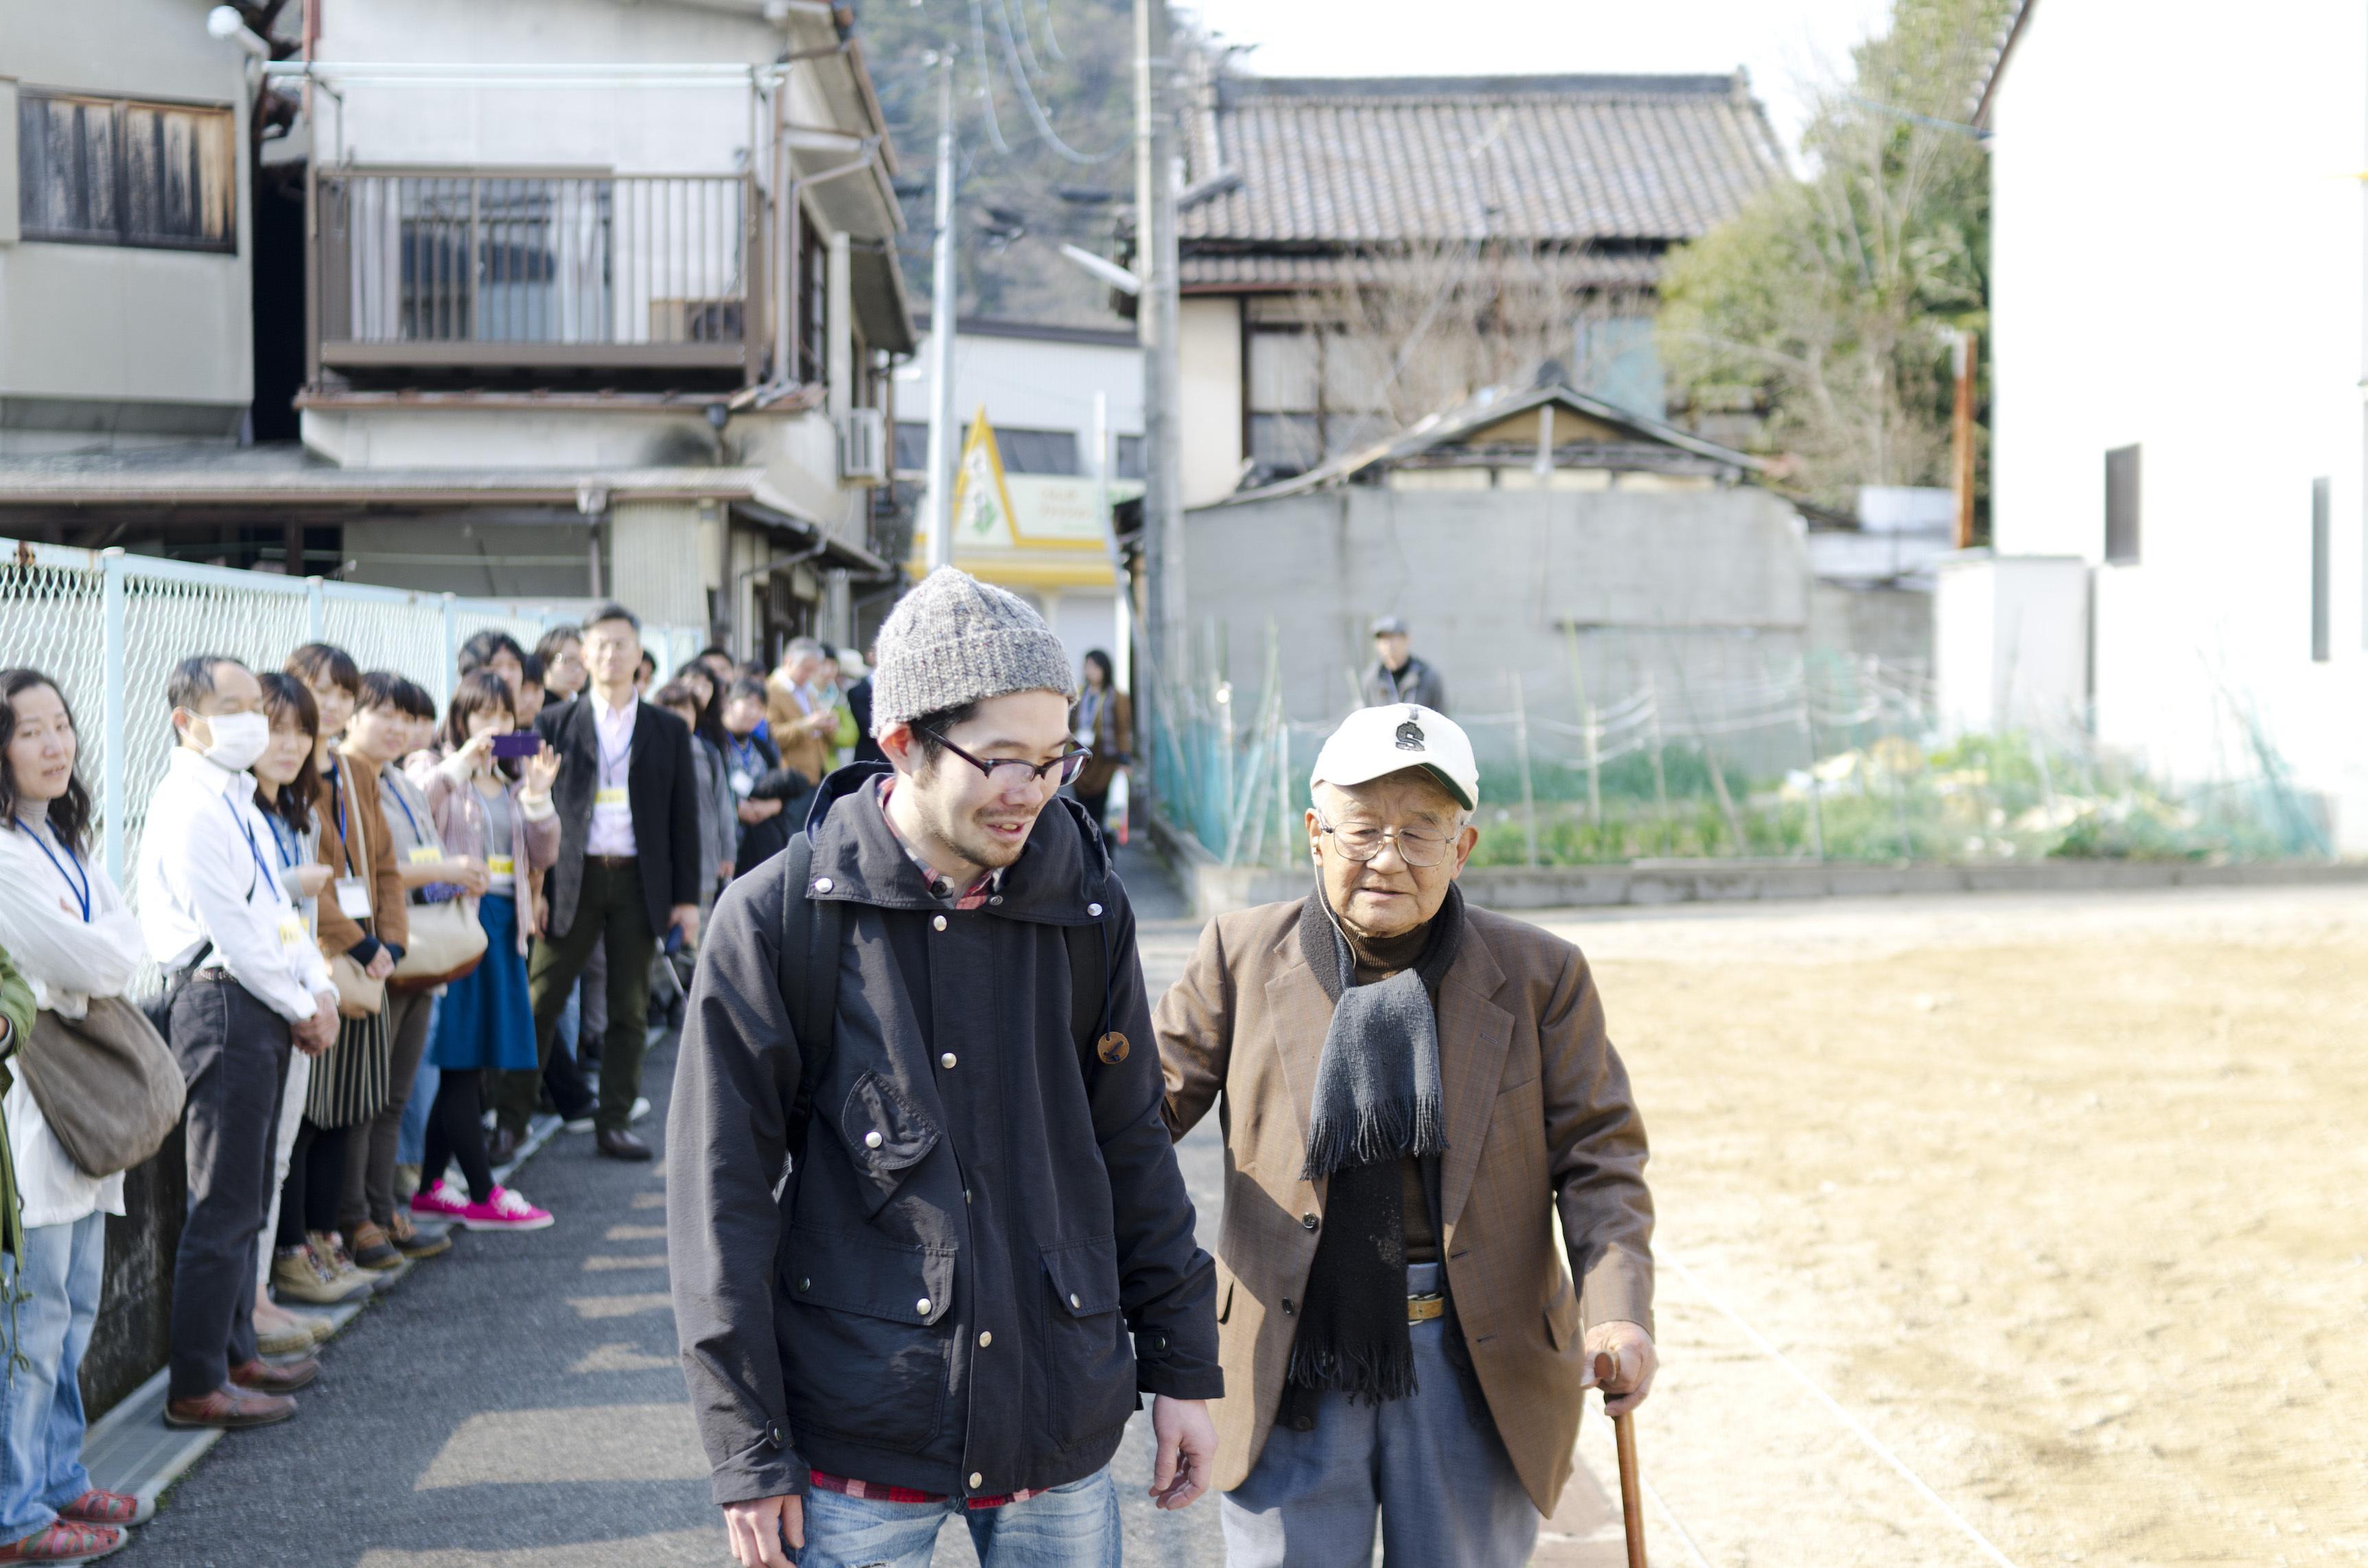 さいたまゴールド・シアター × 菅原直樹(日本)「よみちにひはくれない」 © hi foo farm